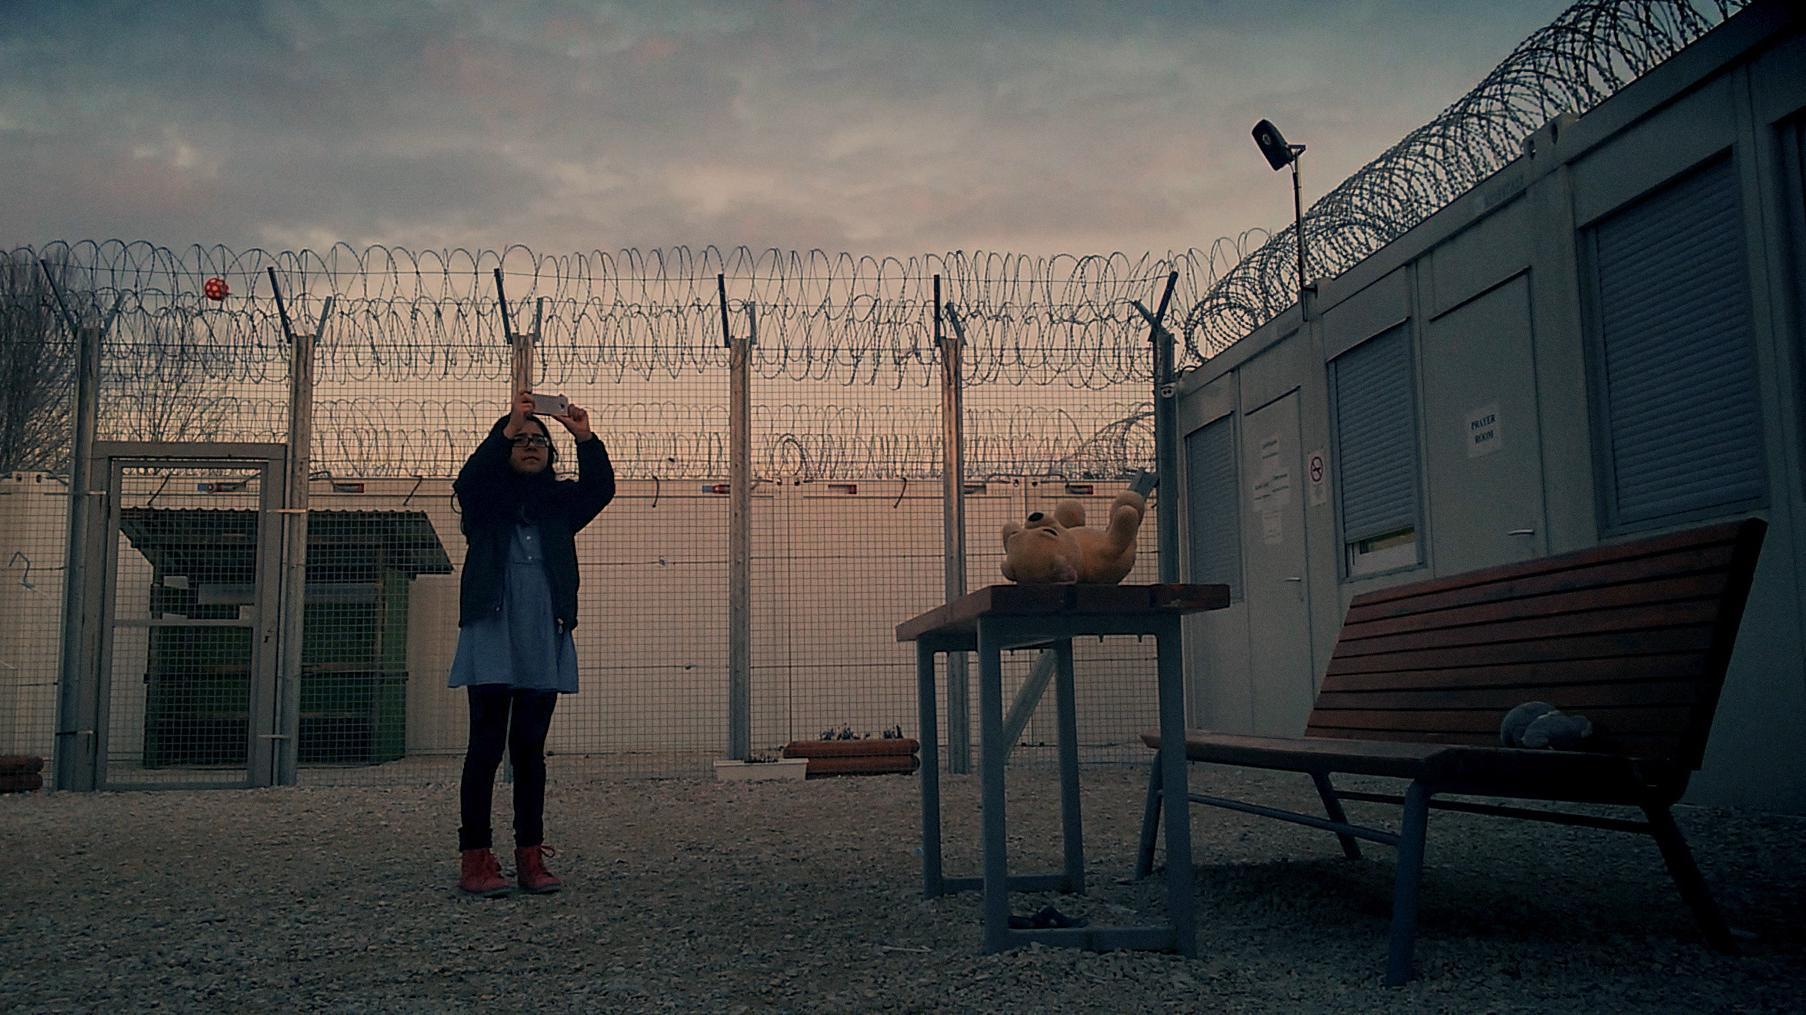 """Filmstill aus """"Midnight Traveler"""": Mädchen steht mit einem Handy auf dem Hof einer Flüchtlingsunterkunft und fotografiert"""